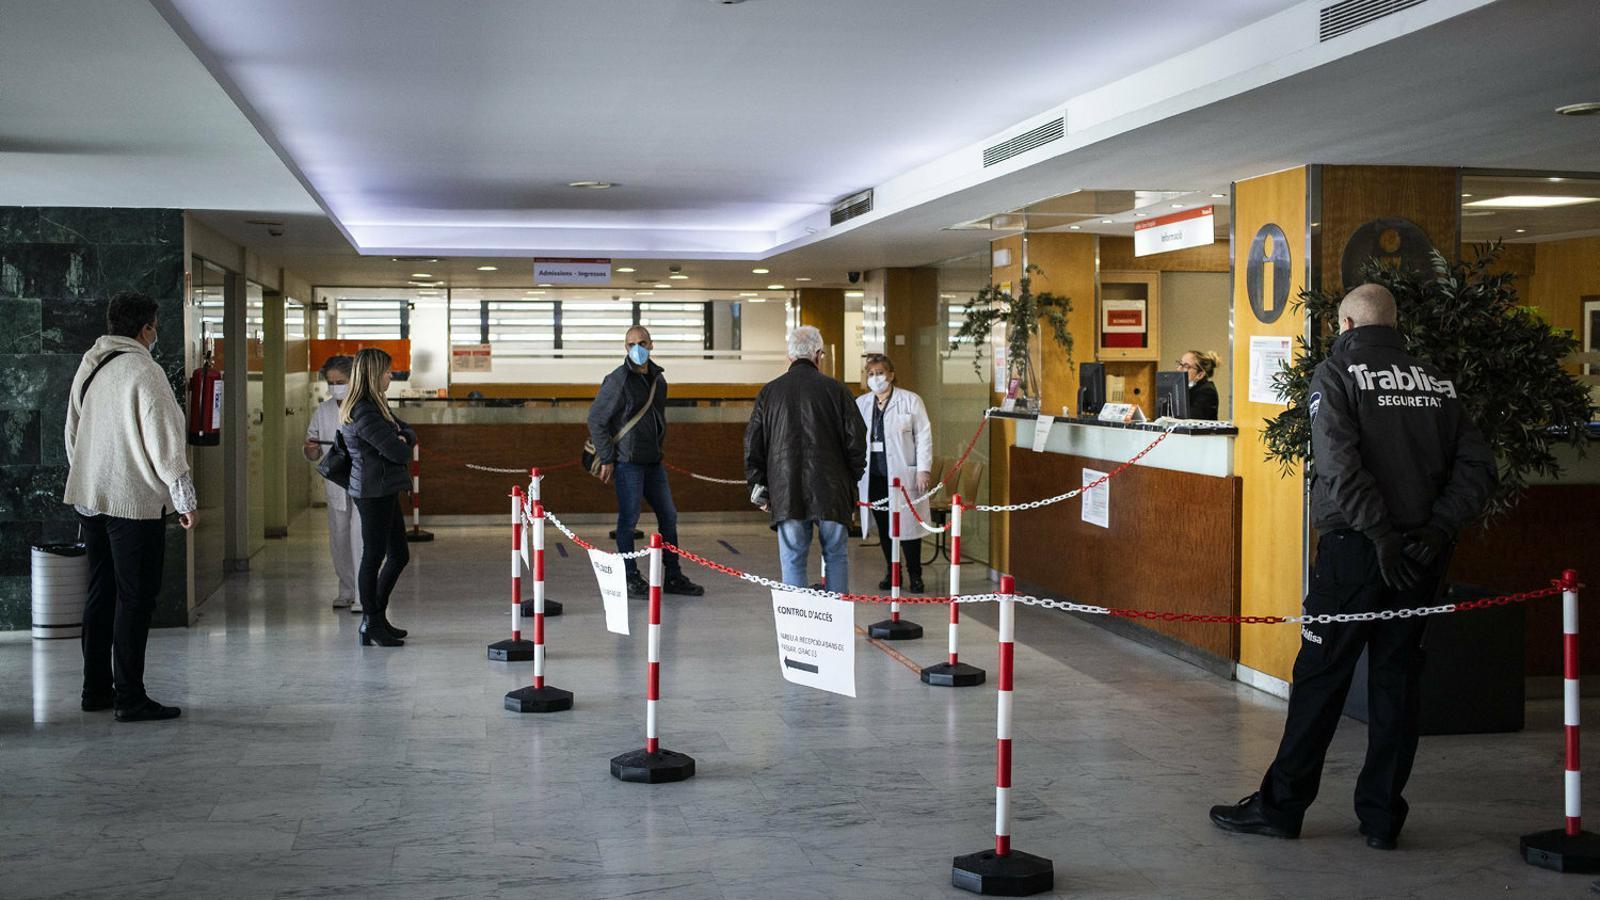 Usuaris i treballadors de l'Hospital Mútua Terrassa respectant les restriccions d'accés al centre.